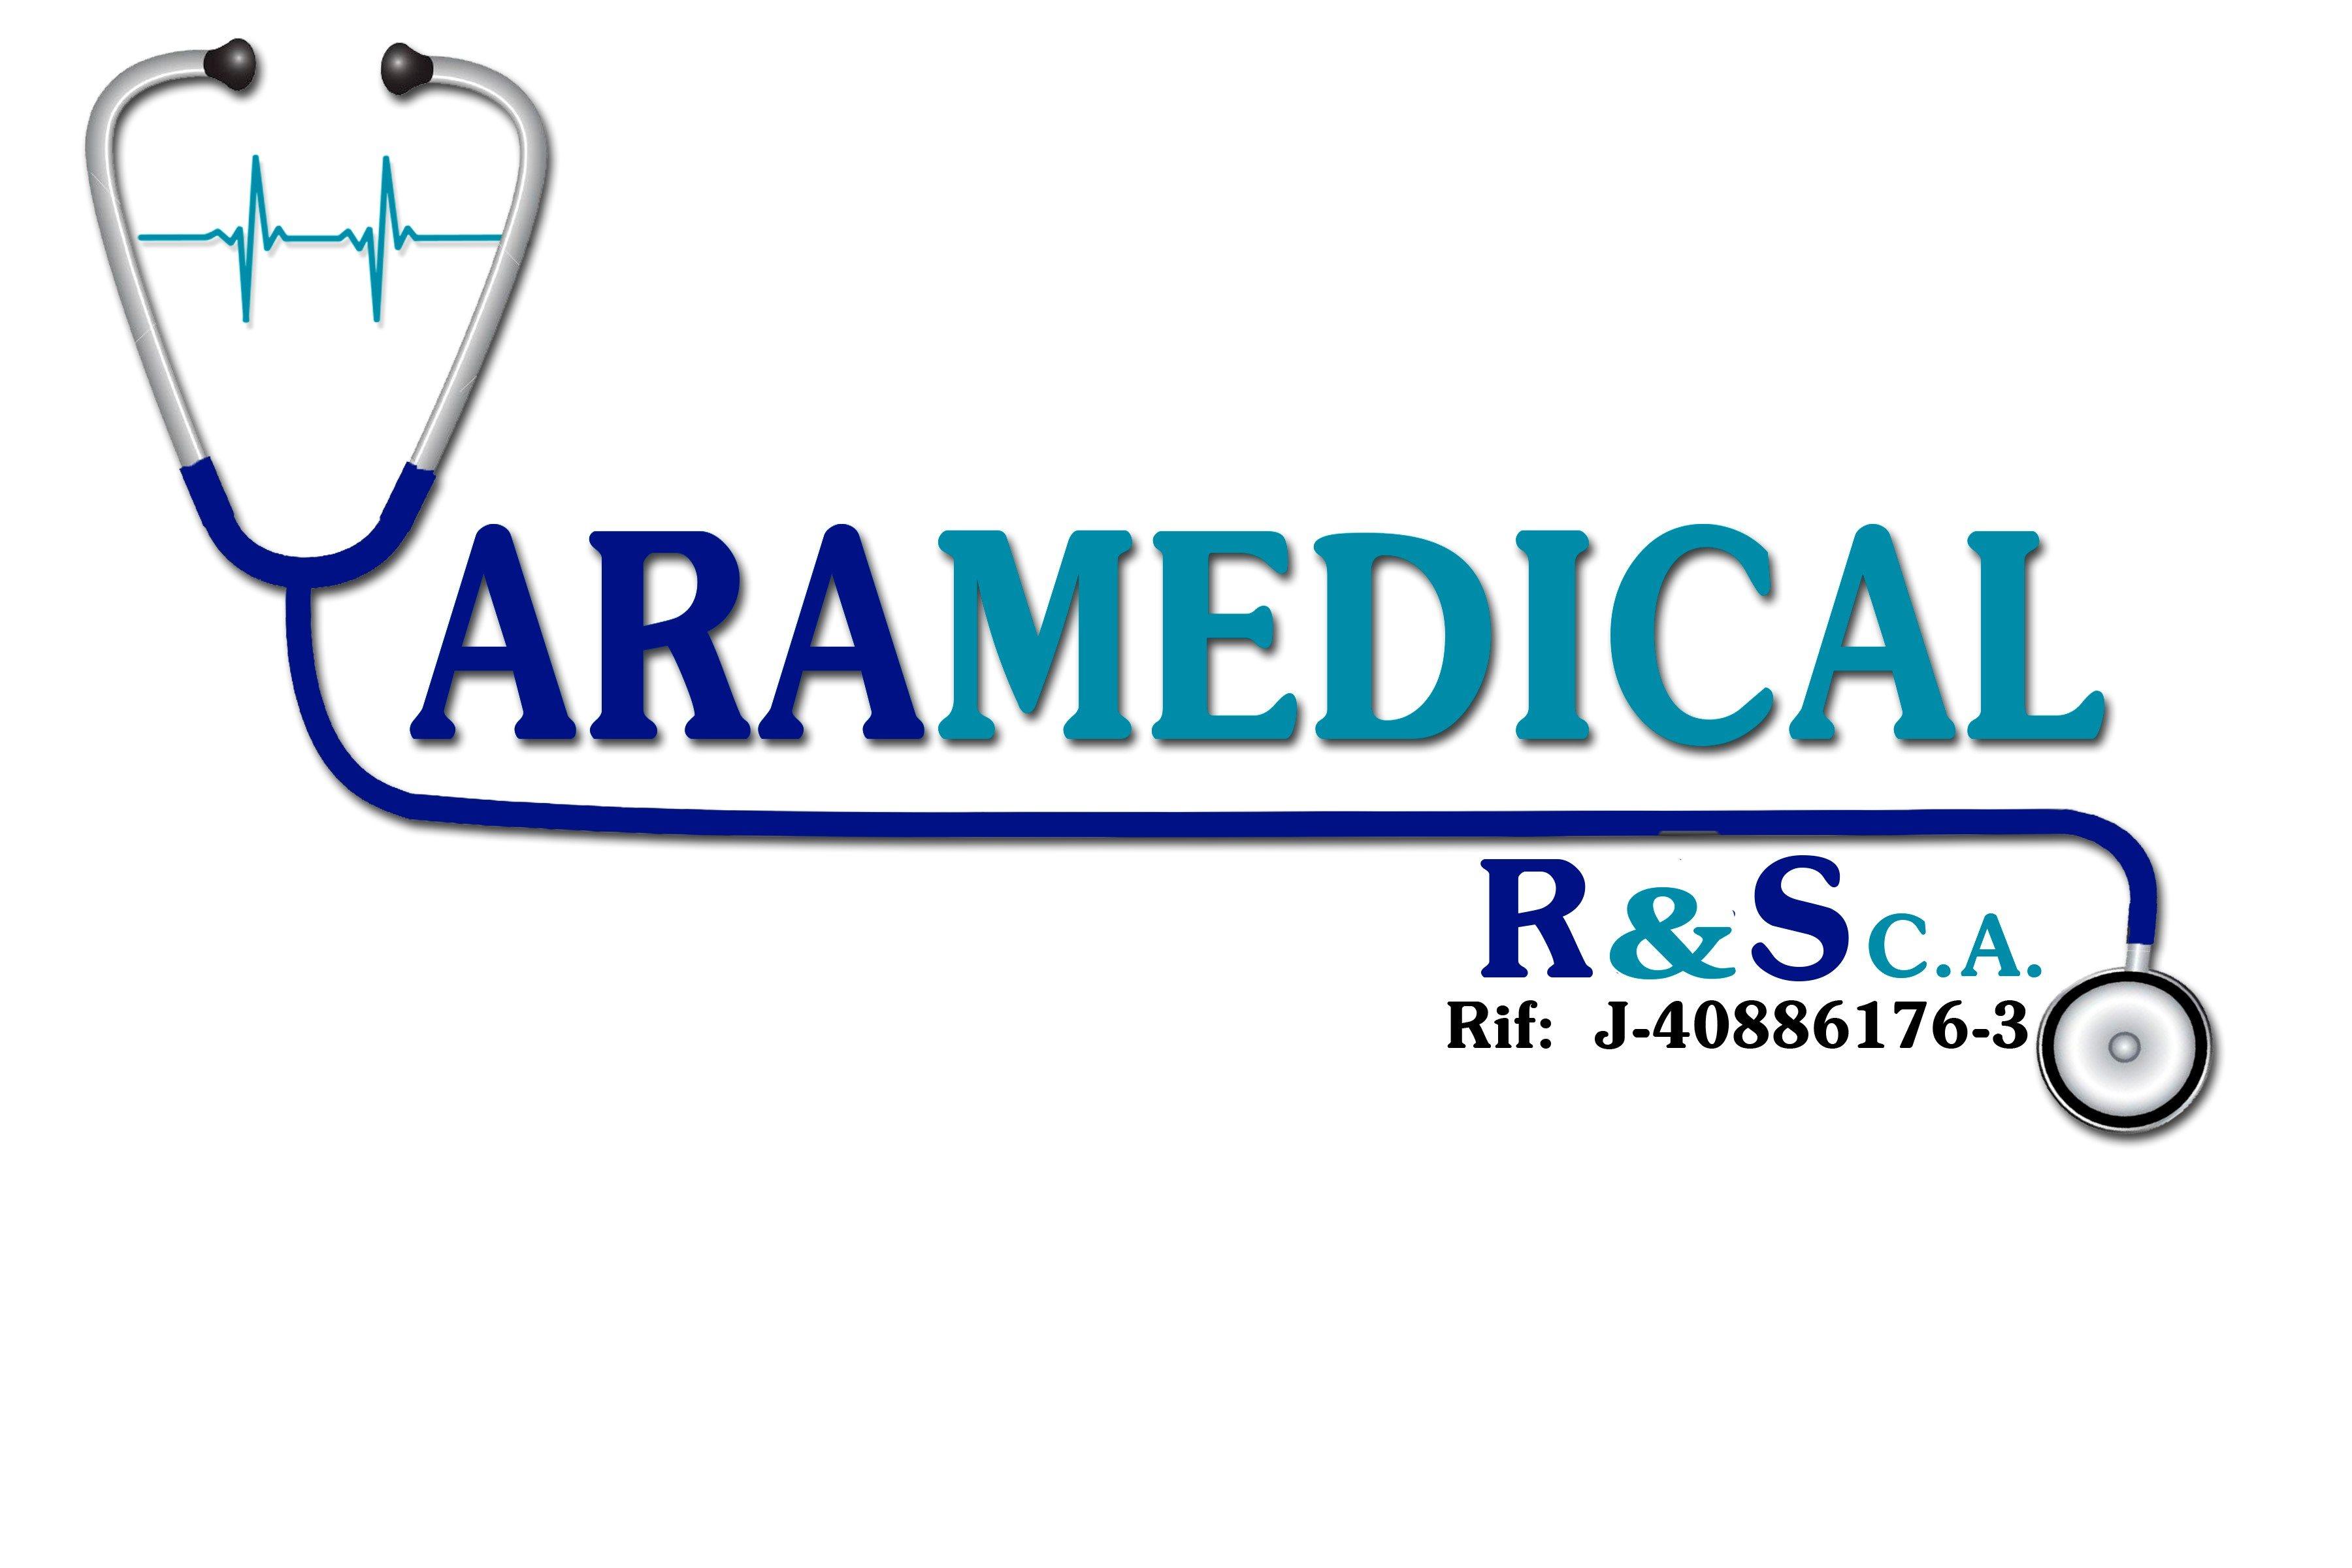 YARAMEDICAL R&S C.A.